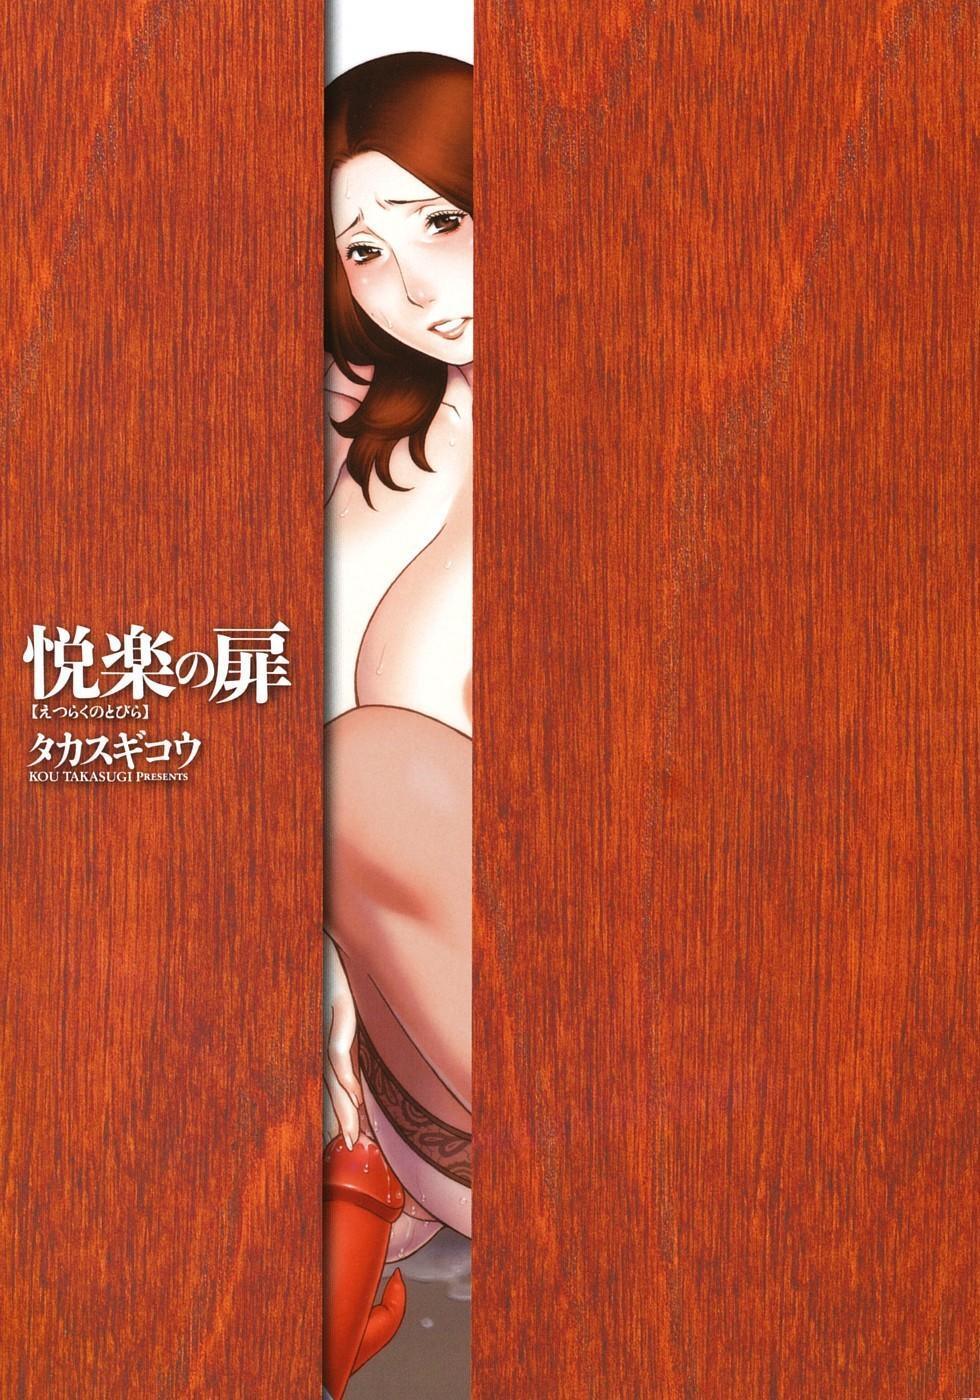 Etsuraku no Tobira - The Door of Sexual Pleasure 3